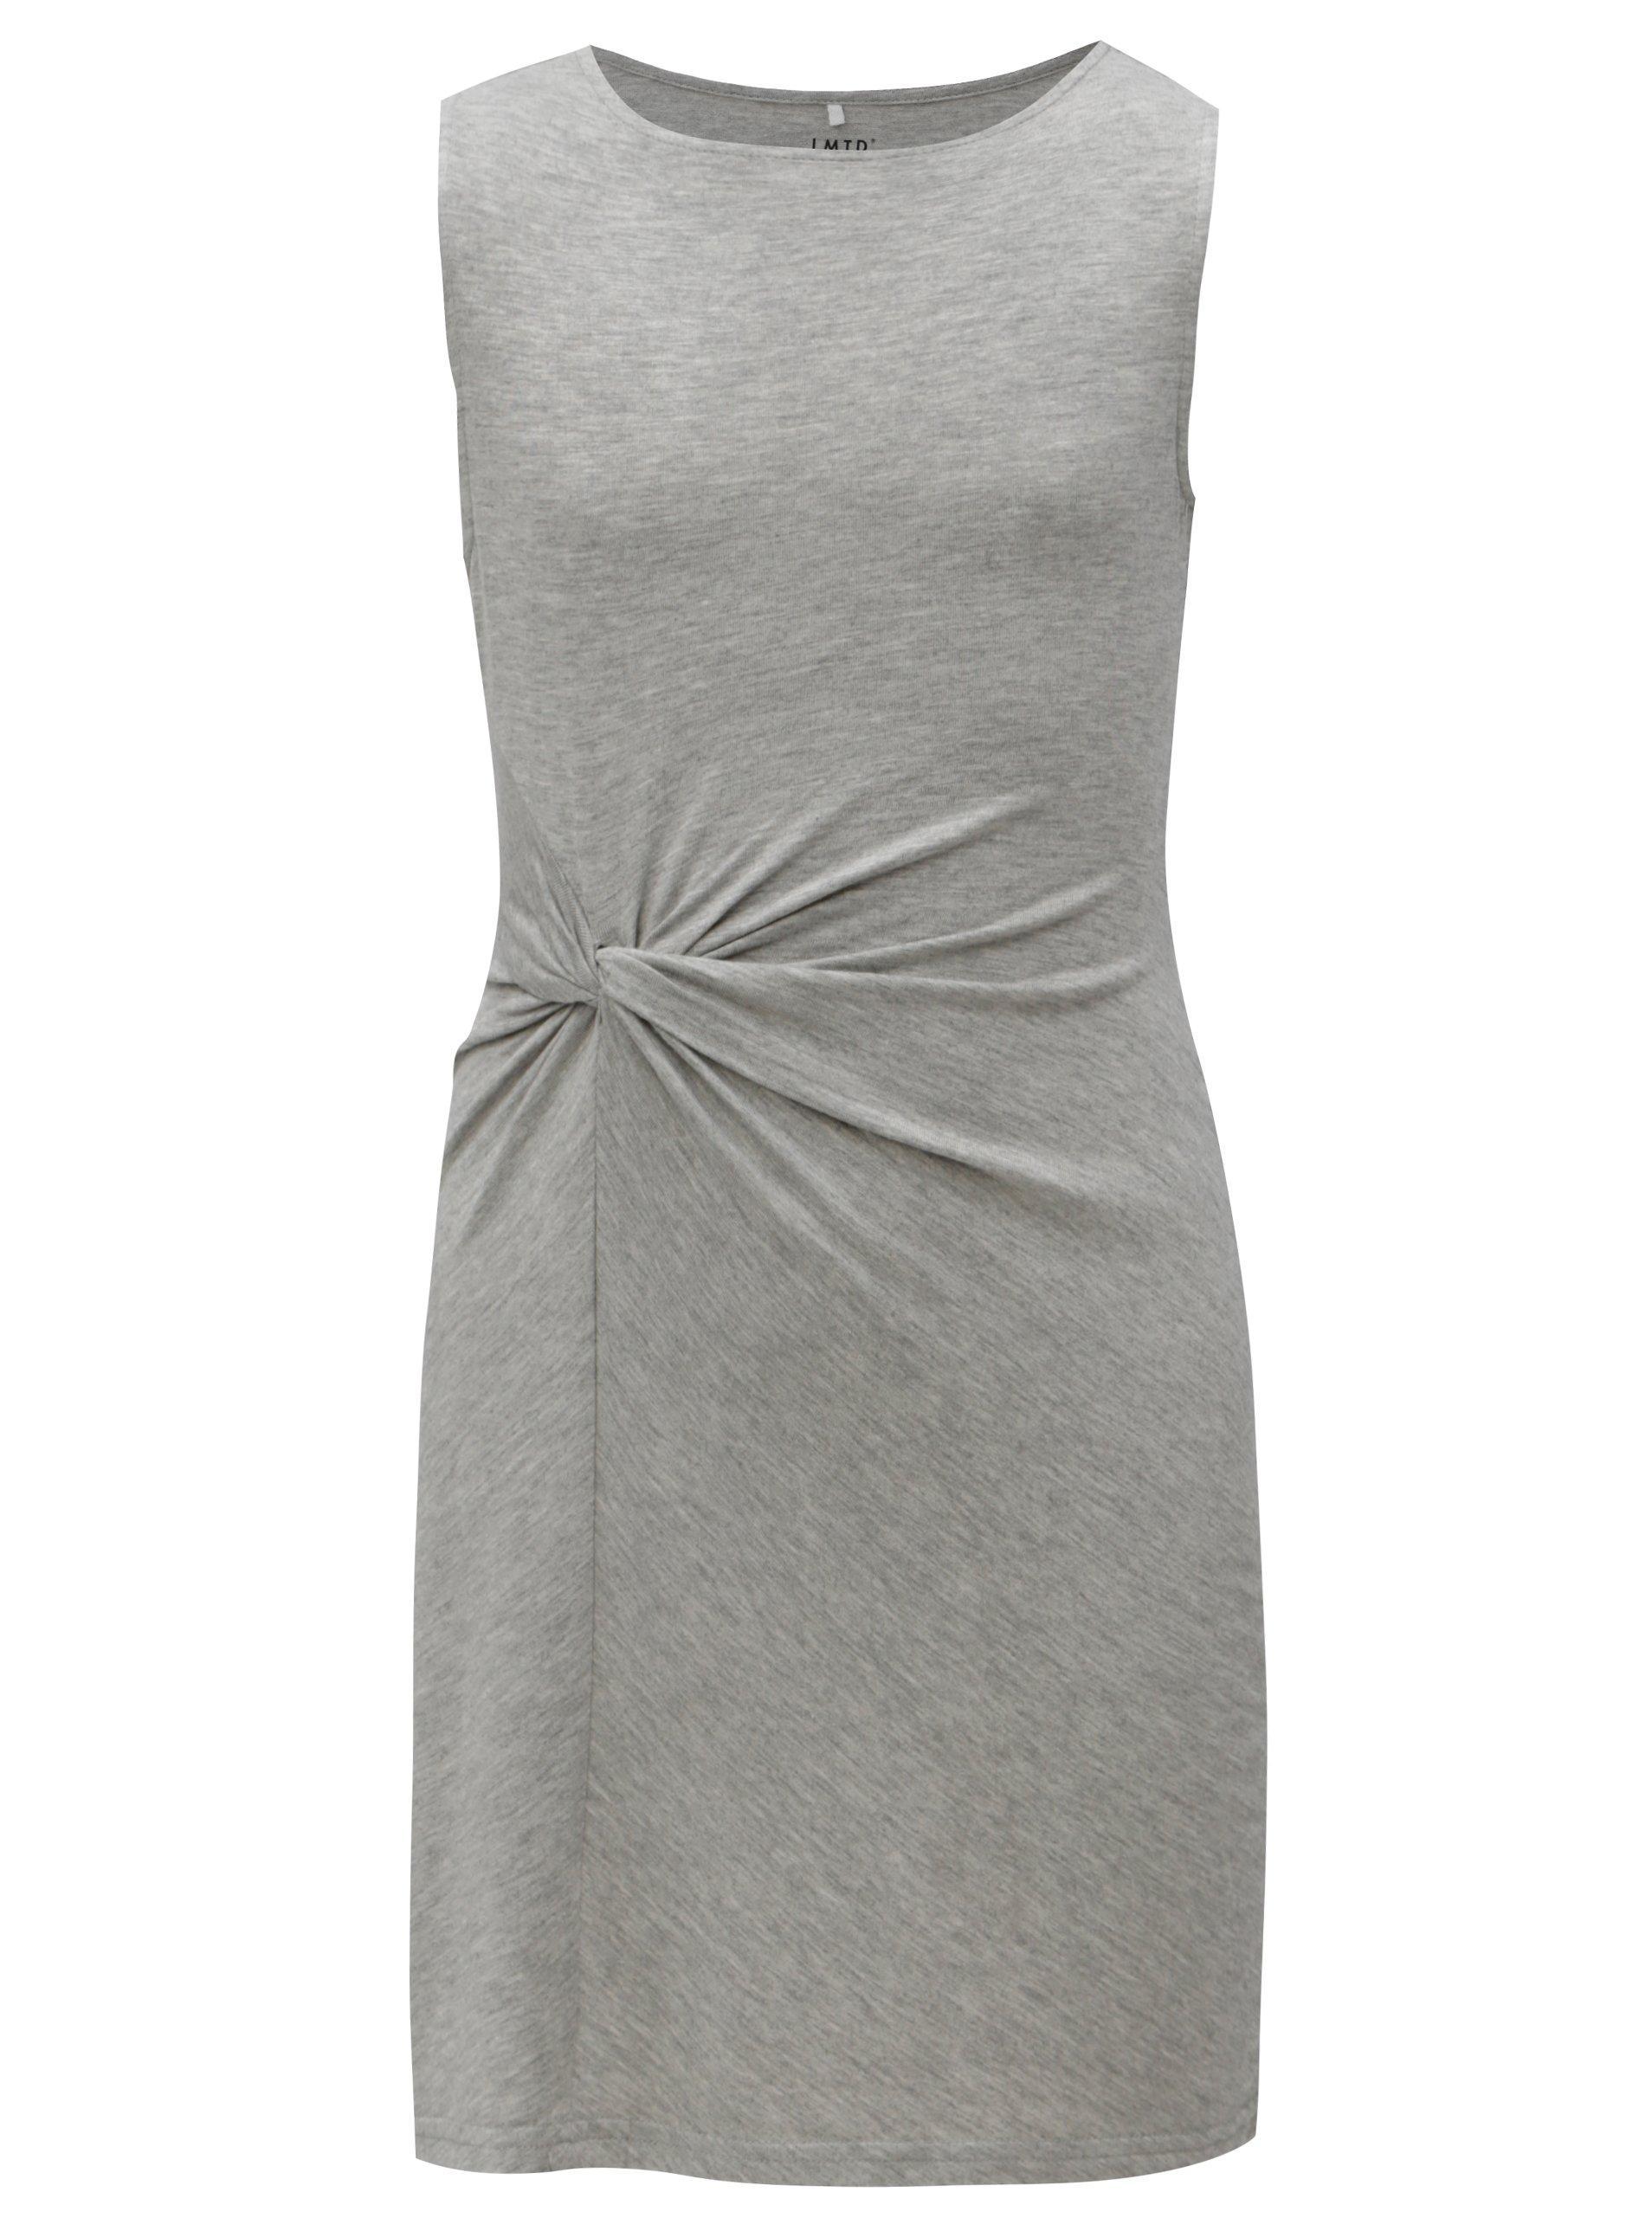 d6e6594c7f8a Sivé dievčenské šaty s uzlom LIMITED by name it Norma